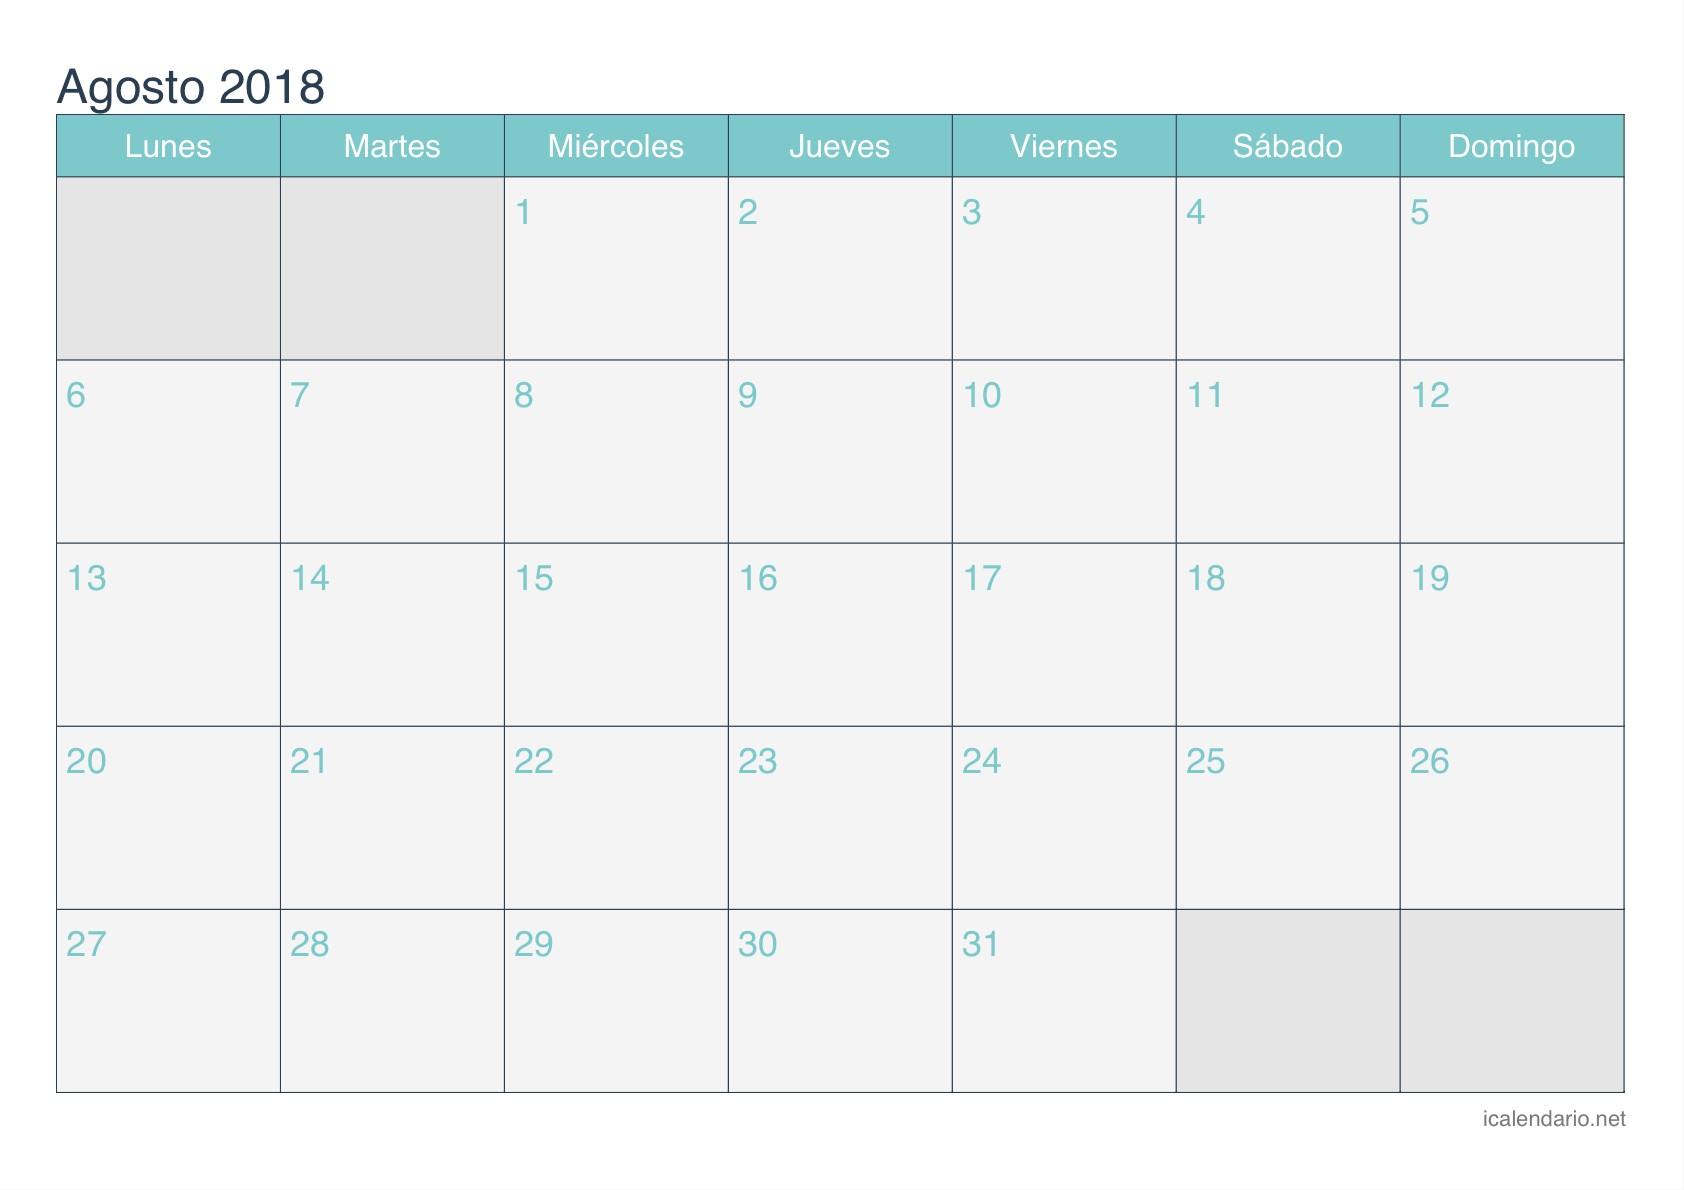 Imprimir Calendario Julio Agosto Y Septiembre 2019 Más Caliente Calendario Agosto 2018 Para Imprimir Icalendario Of Imprimir Calendario Julio Agosto Y Septiembre 2019 Más Recientes 12 Calendarios De Descarga Gratis Calendarios 2016 Para Imprimir